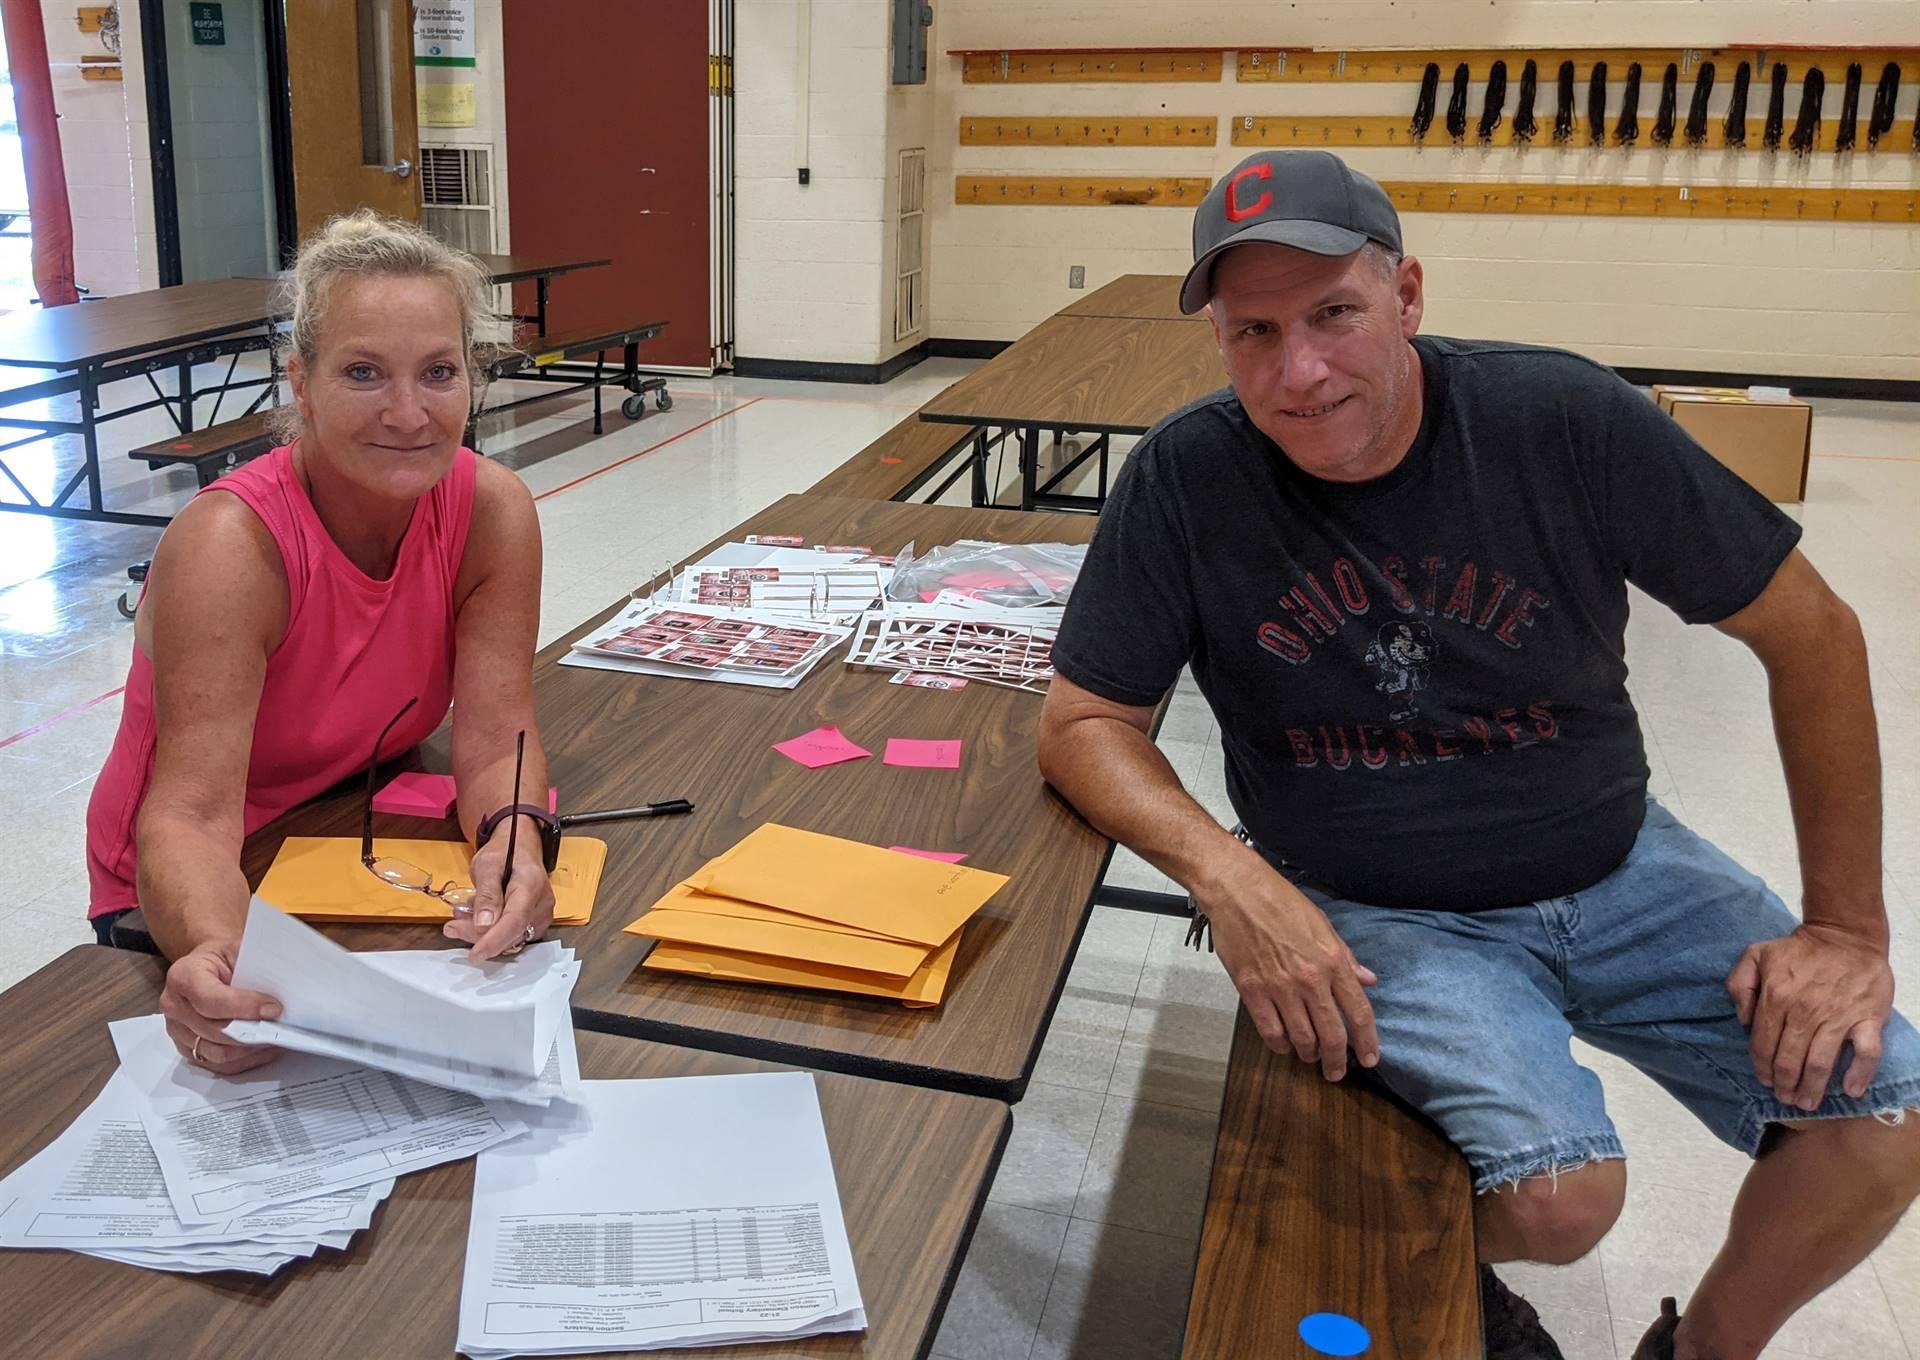 Photo 24:  Munson staff members Molly Thomas (Food Service) and Charles Walsh (Custodial) sitting at